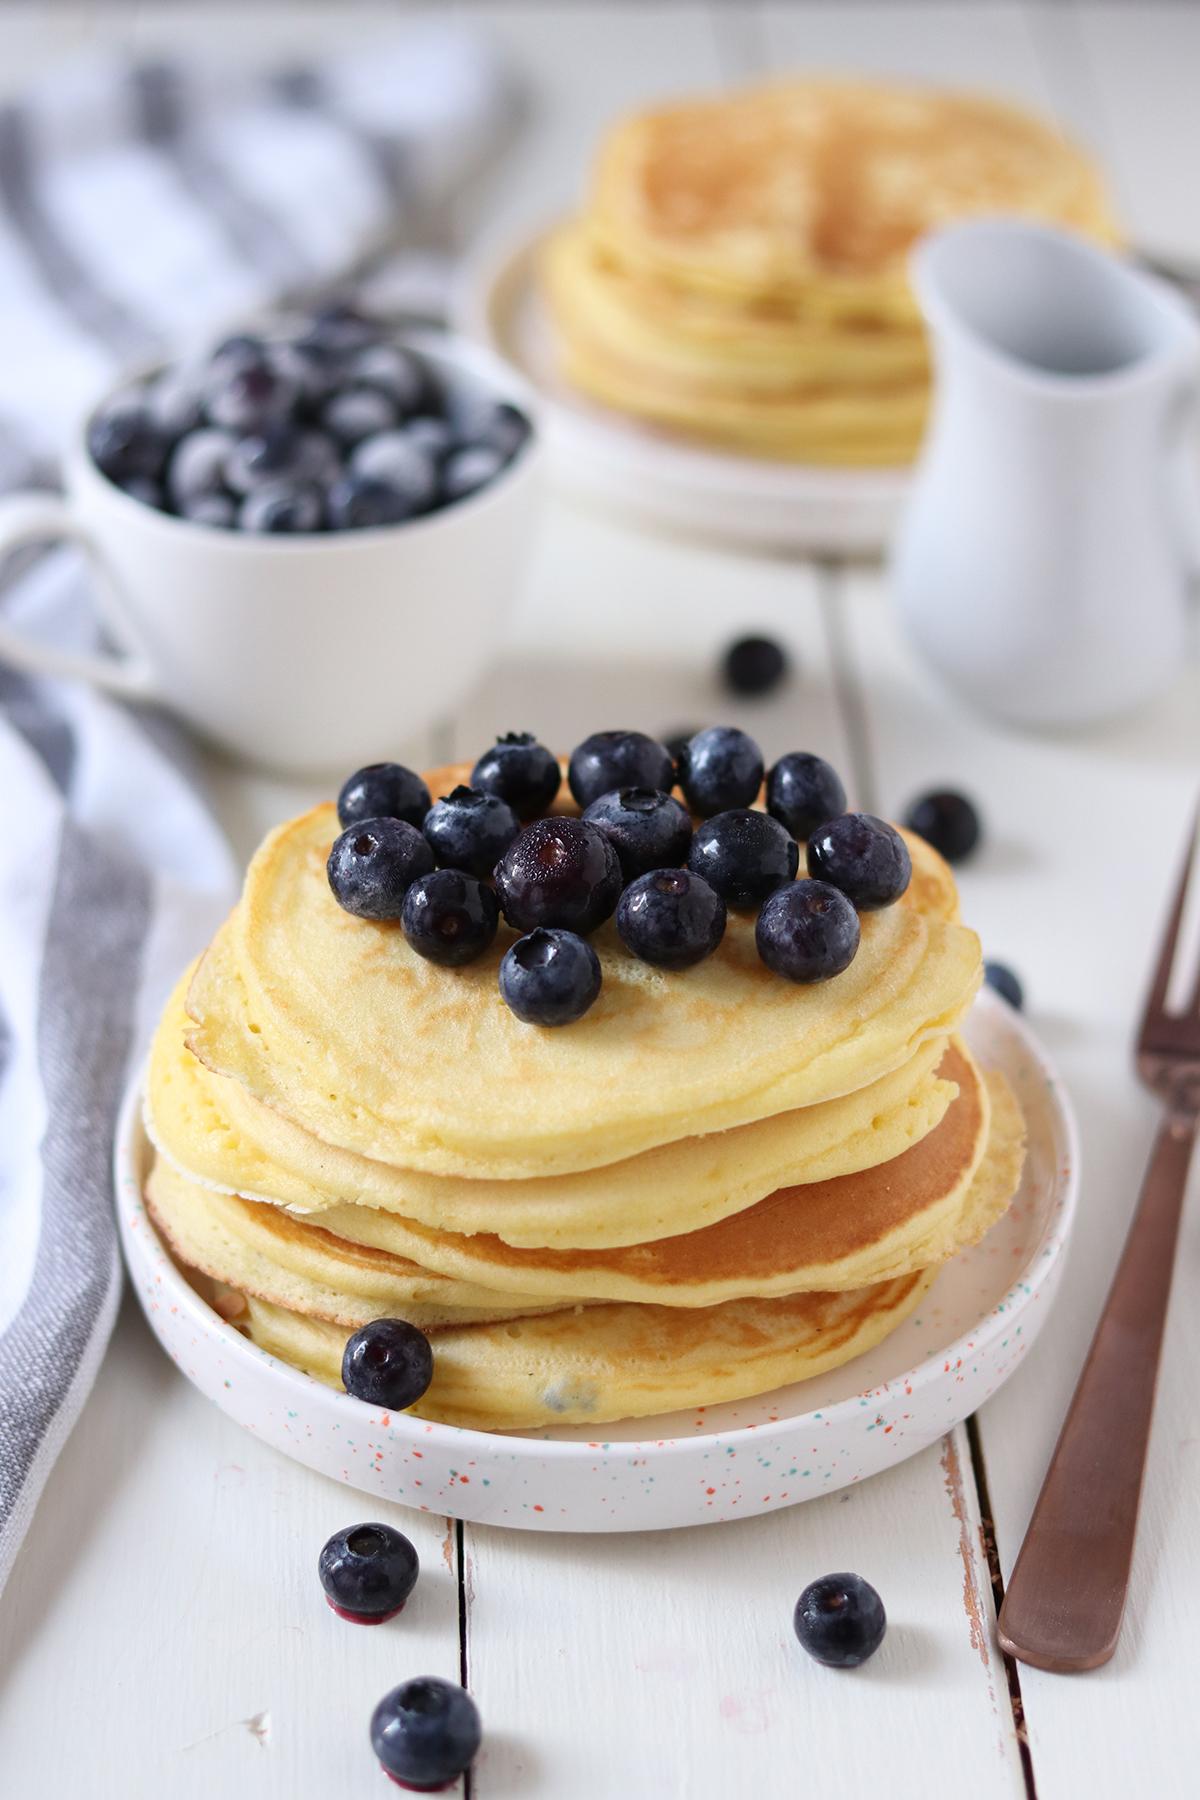 21 uputa za uspješno pečenje kolača